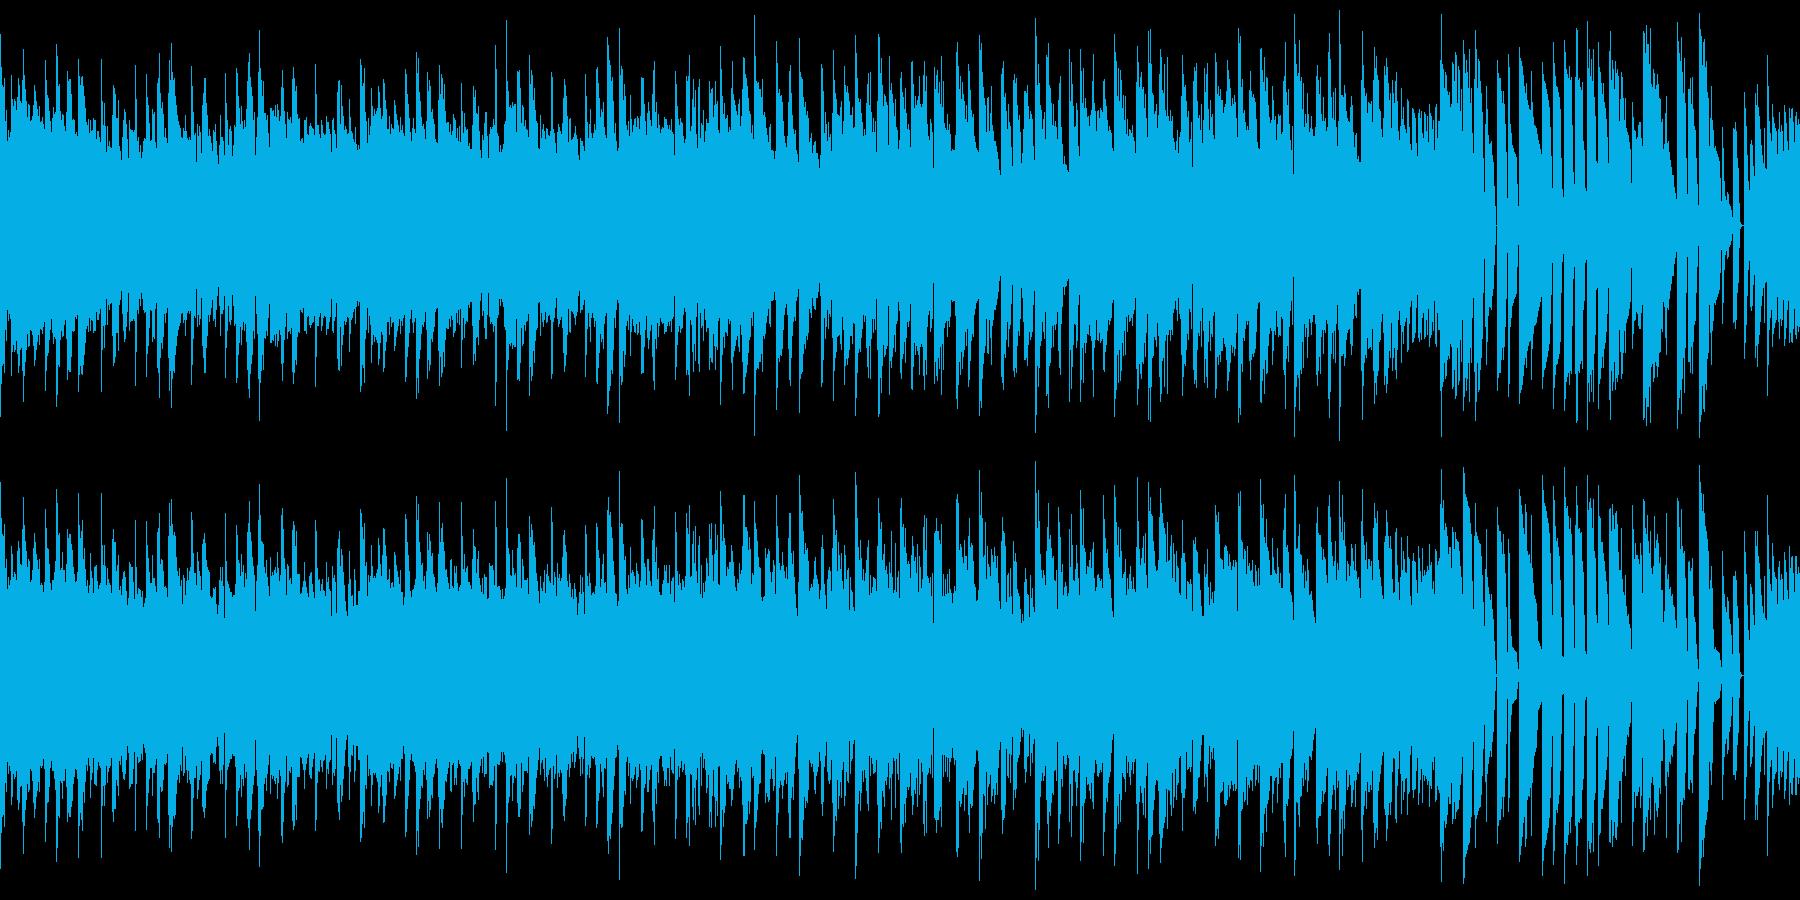 ループ・レトロゲーム風・闘志を感じる曲の再生済みの波形